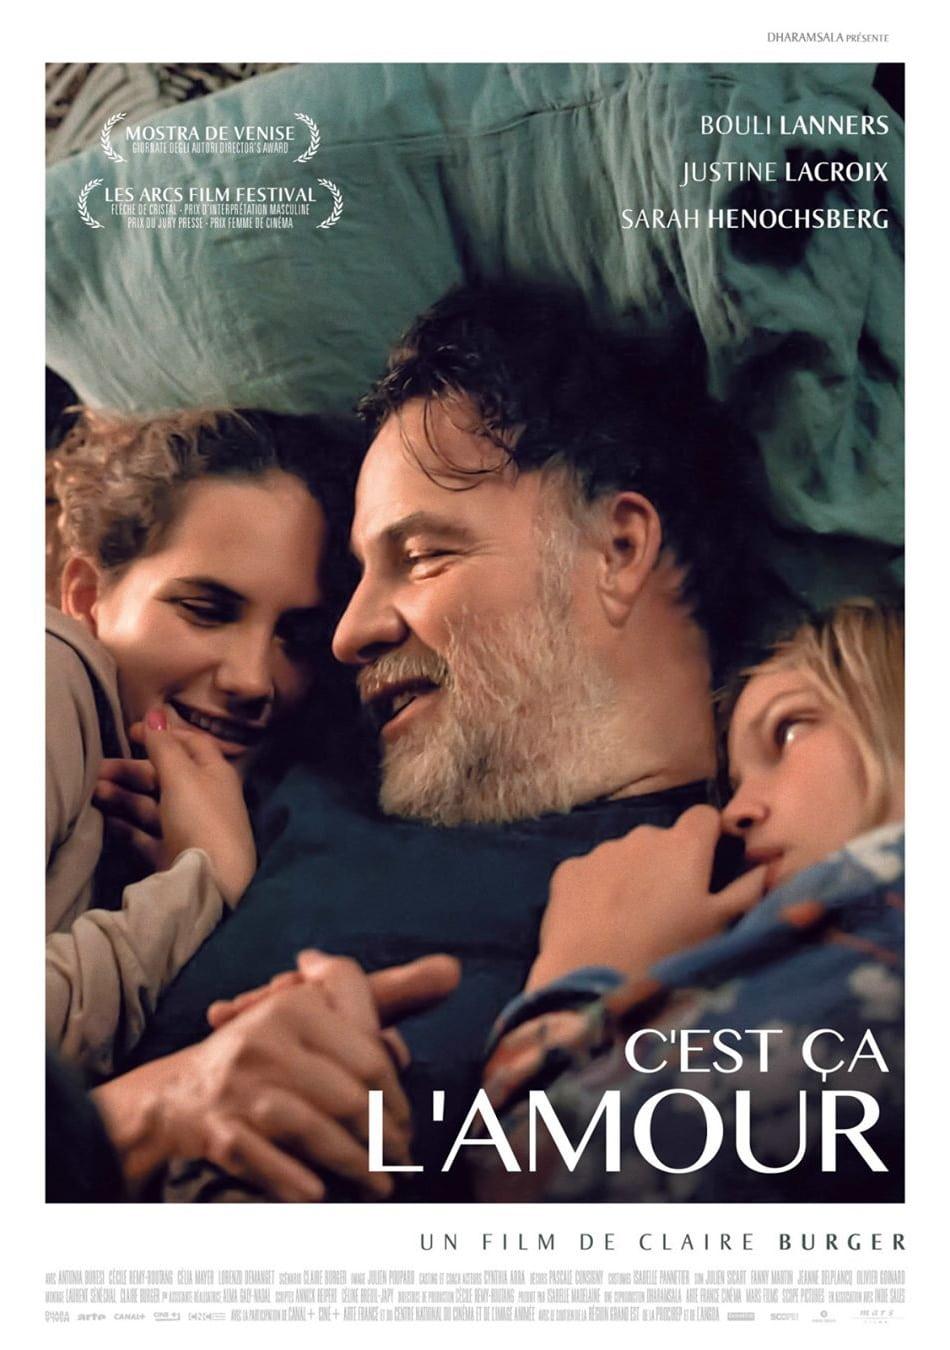 Danse Avec Les Loups Streaming Voirfilm : danse, loups, streaming, voirfilm, C'est, L'amour, (2019))], CompLet~]], V.O.I.R-FILM, Francais, Teljes, Filmek, Magyarul